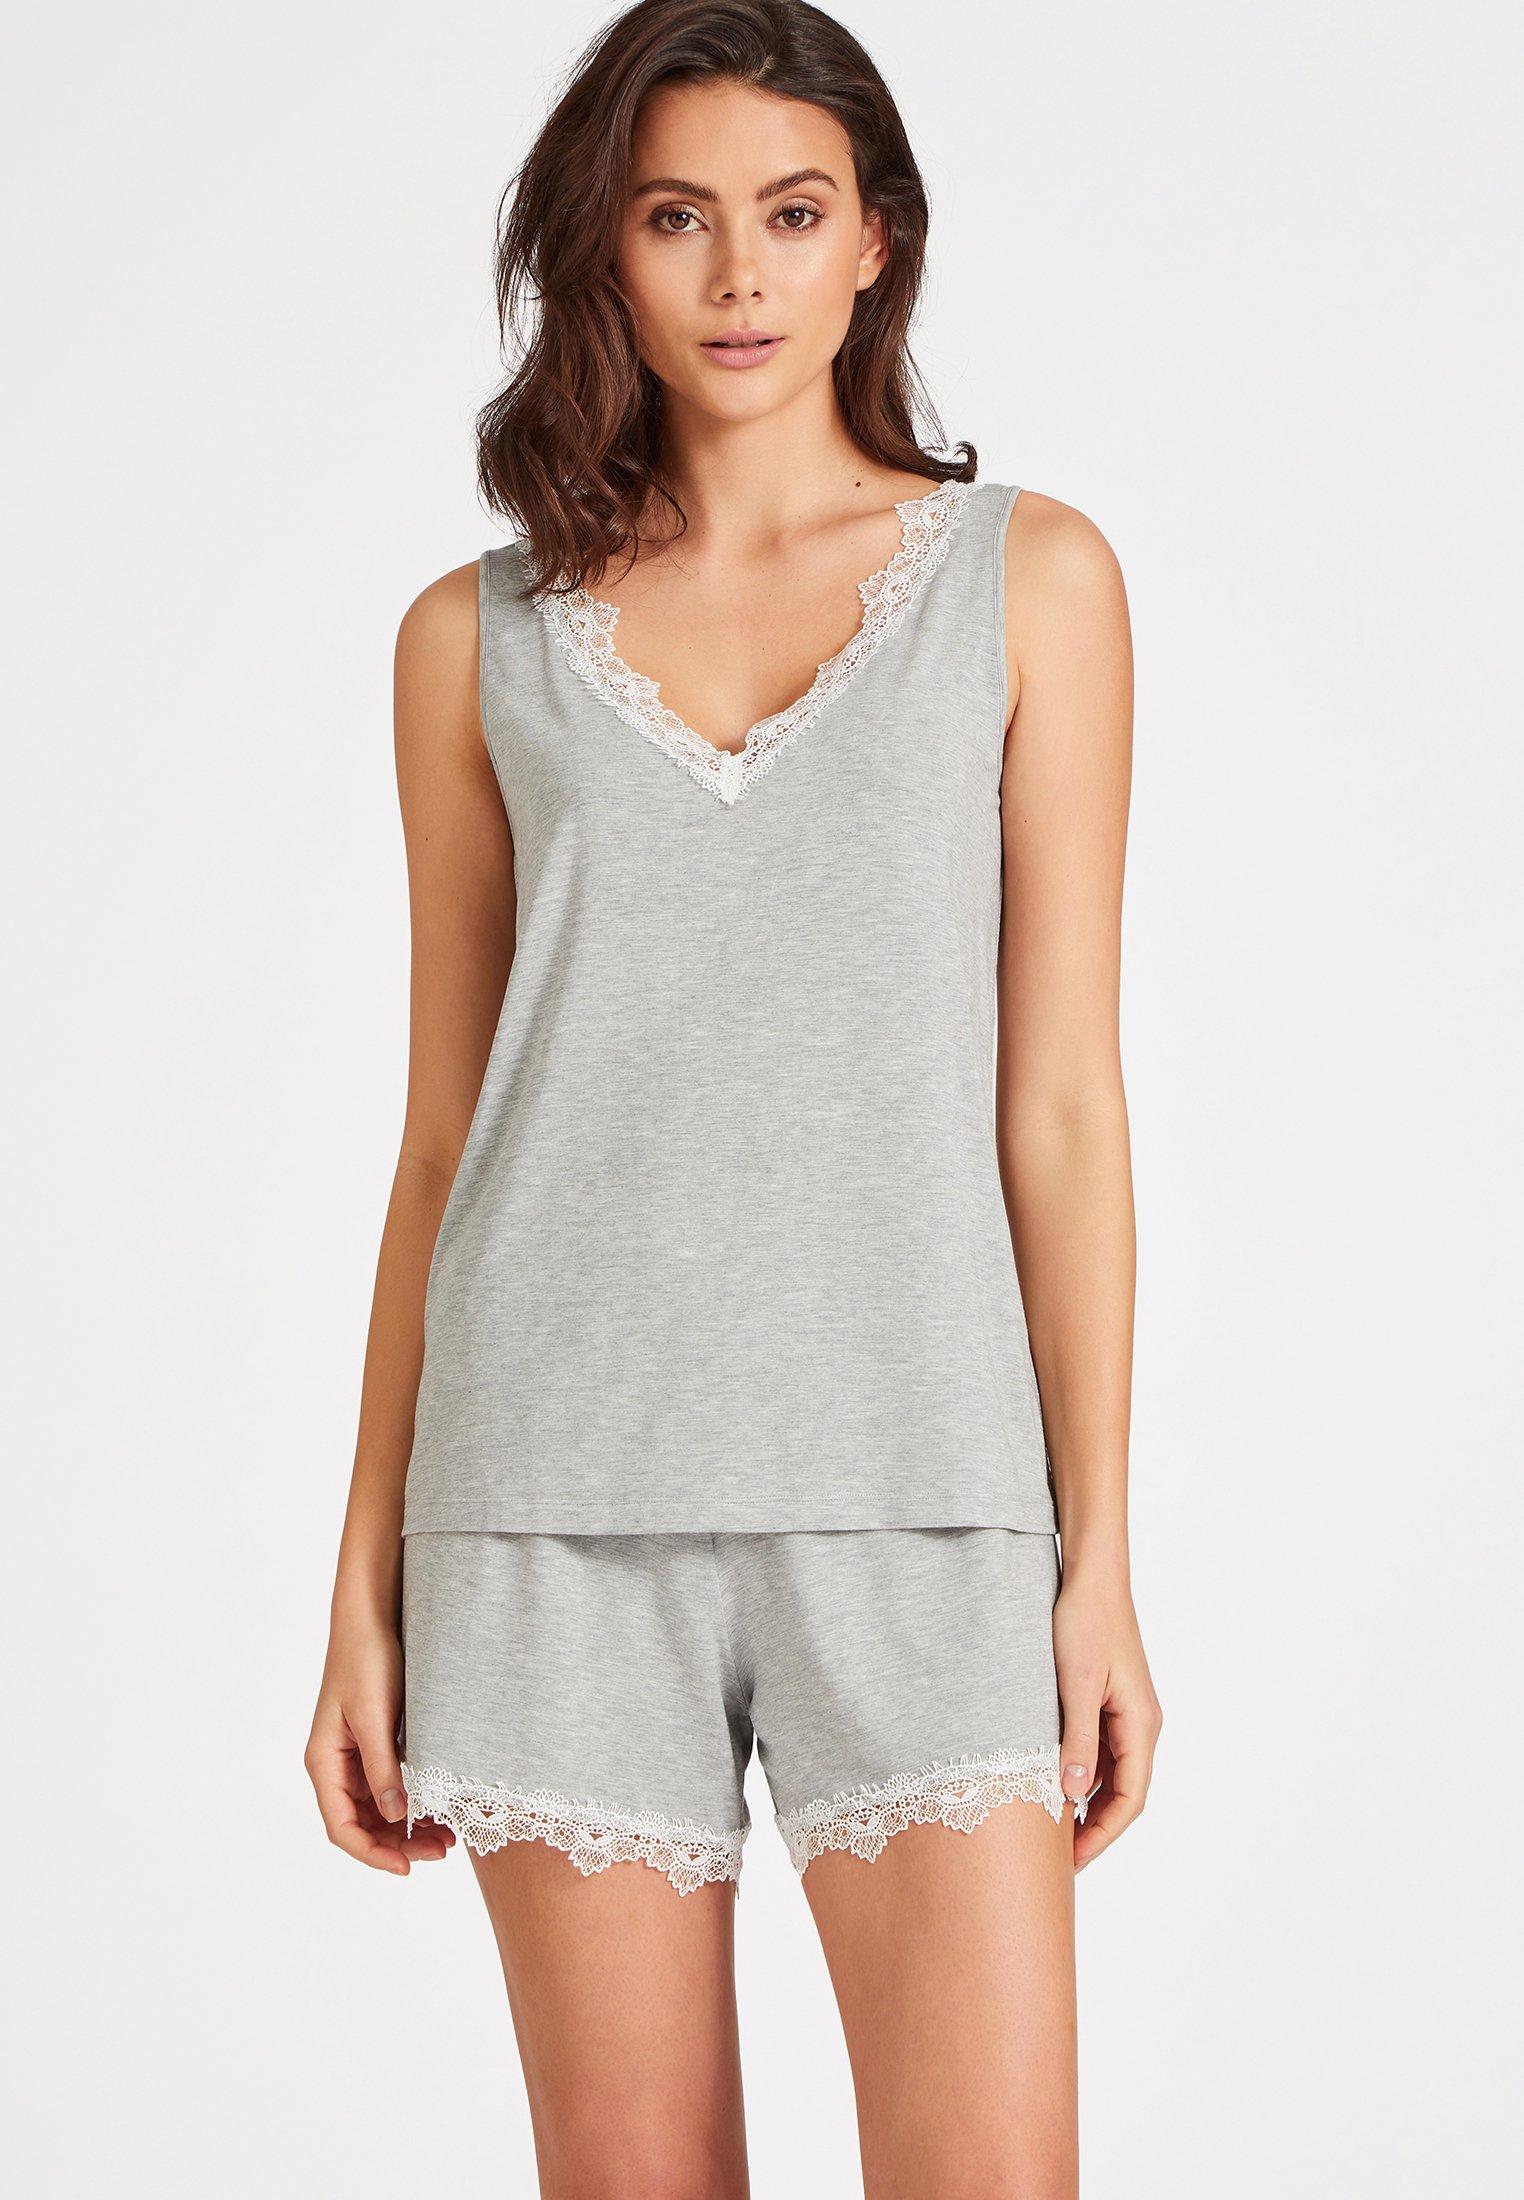 Damen Nachtwäsche Shirt